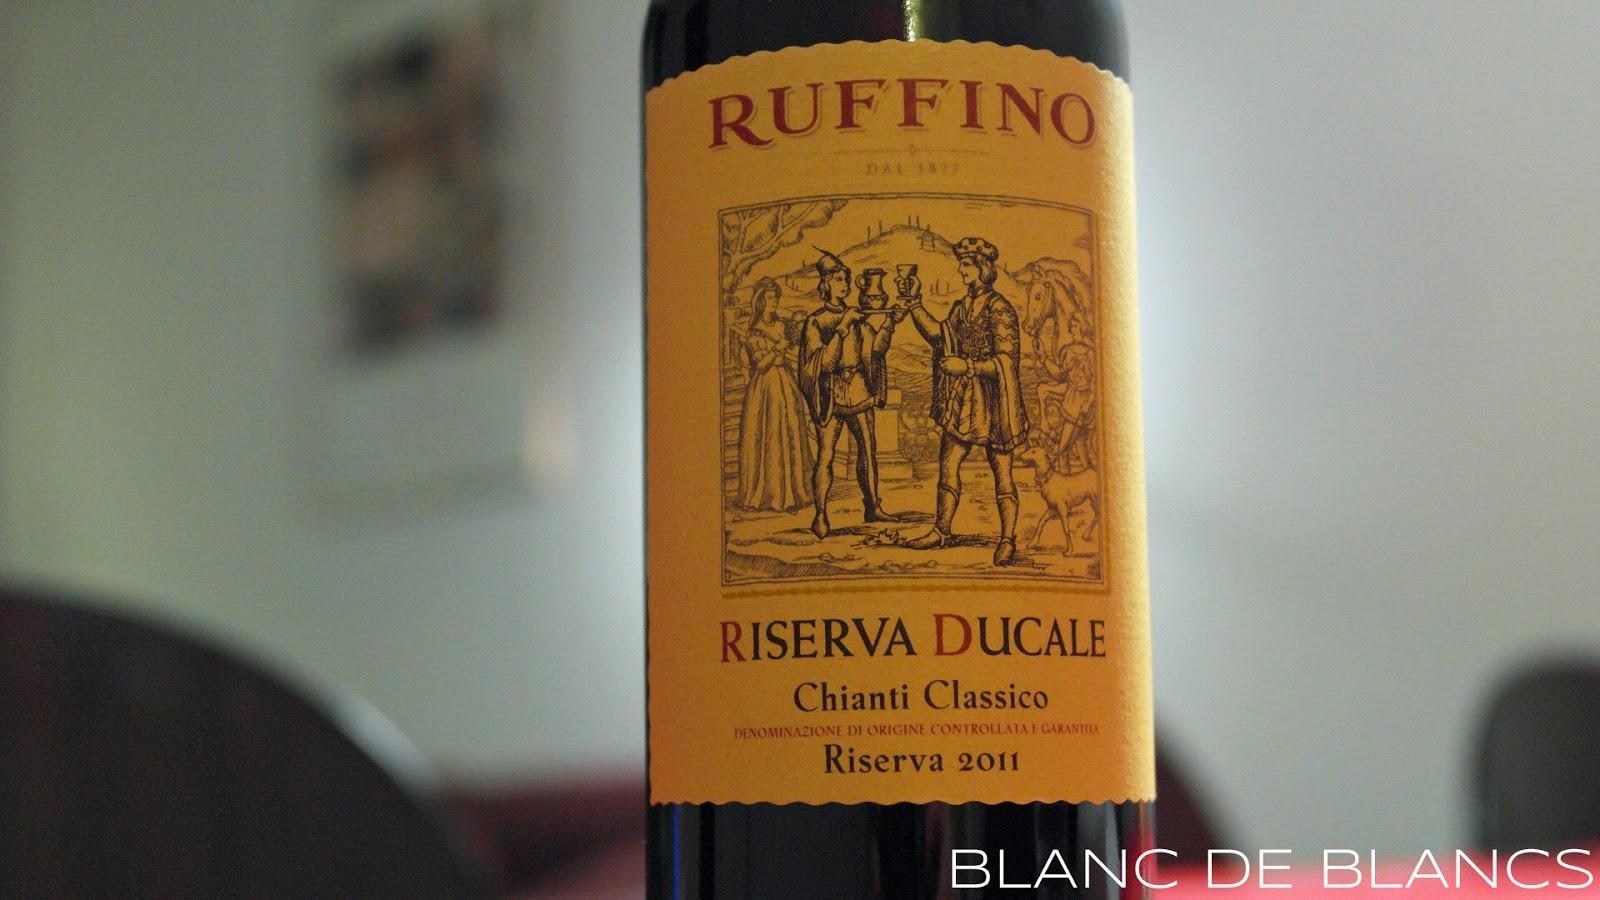 Ruffino Riserva Ducale Chianti Classico 2011 - www.blancdeblancs.fi